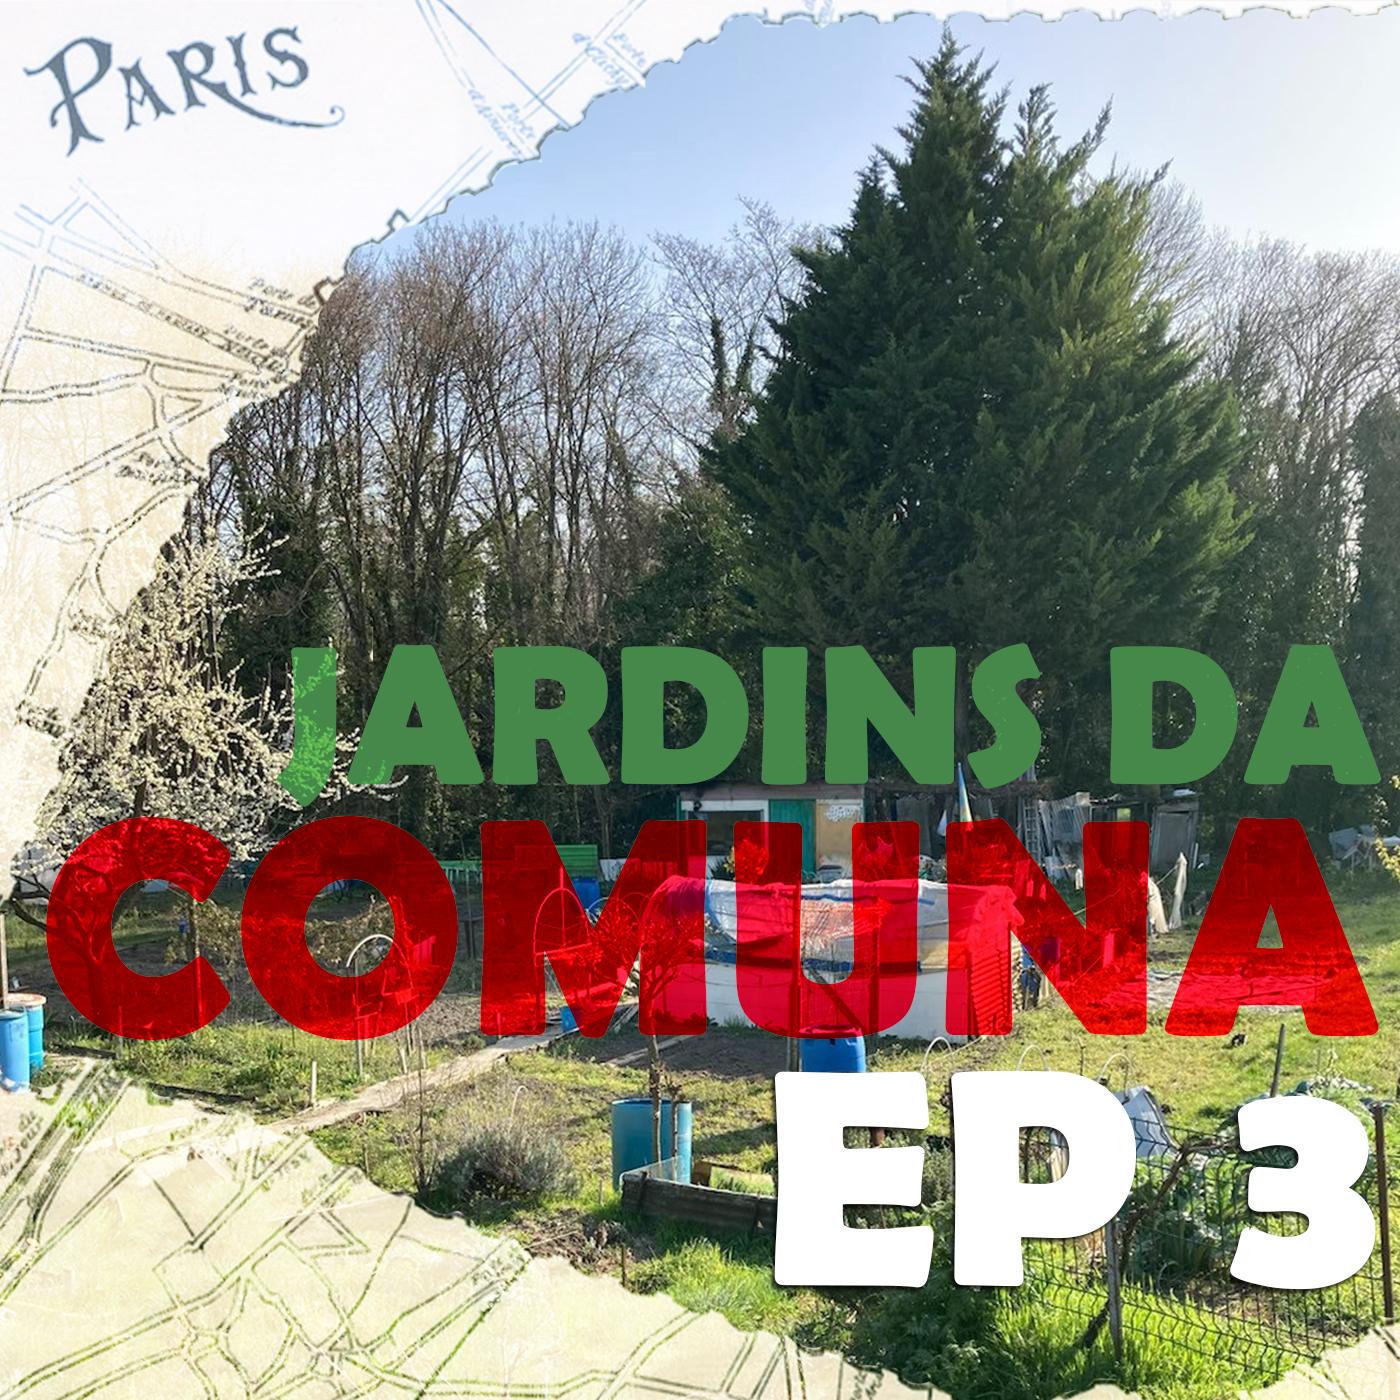 """Jardins da Comuna: EP 03 - O significado dos Jardins e """"Devastação 2024"""""""